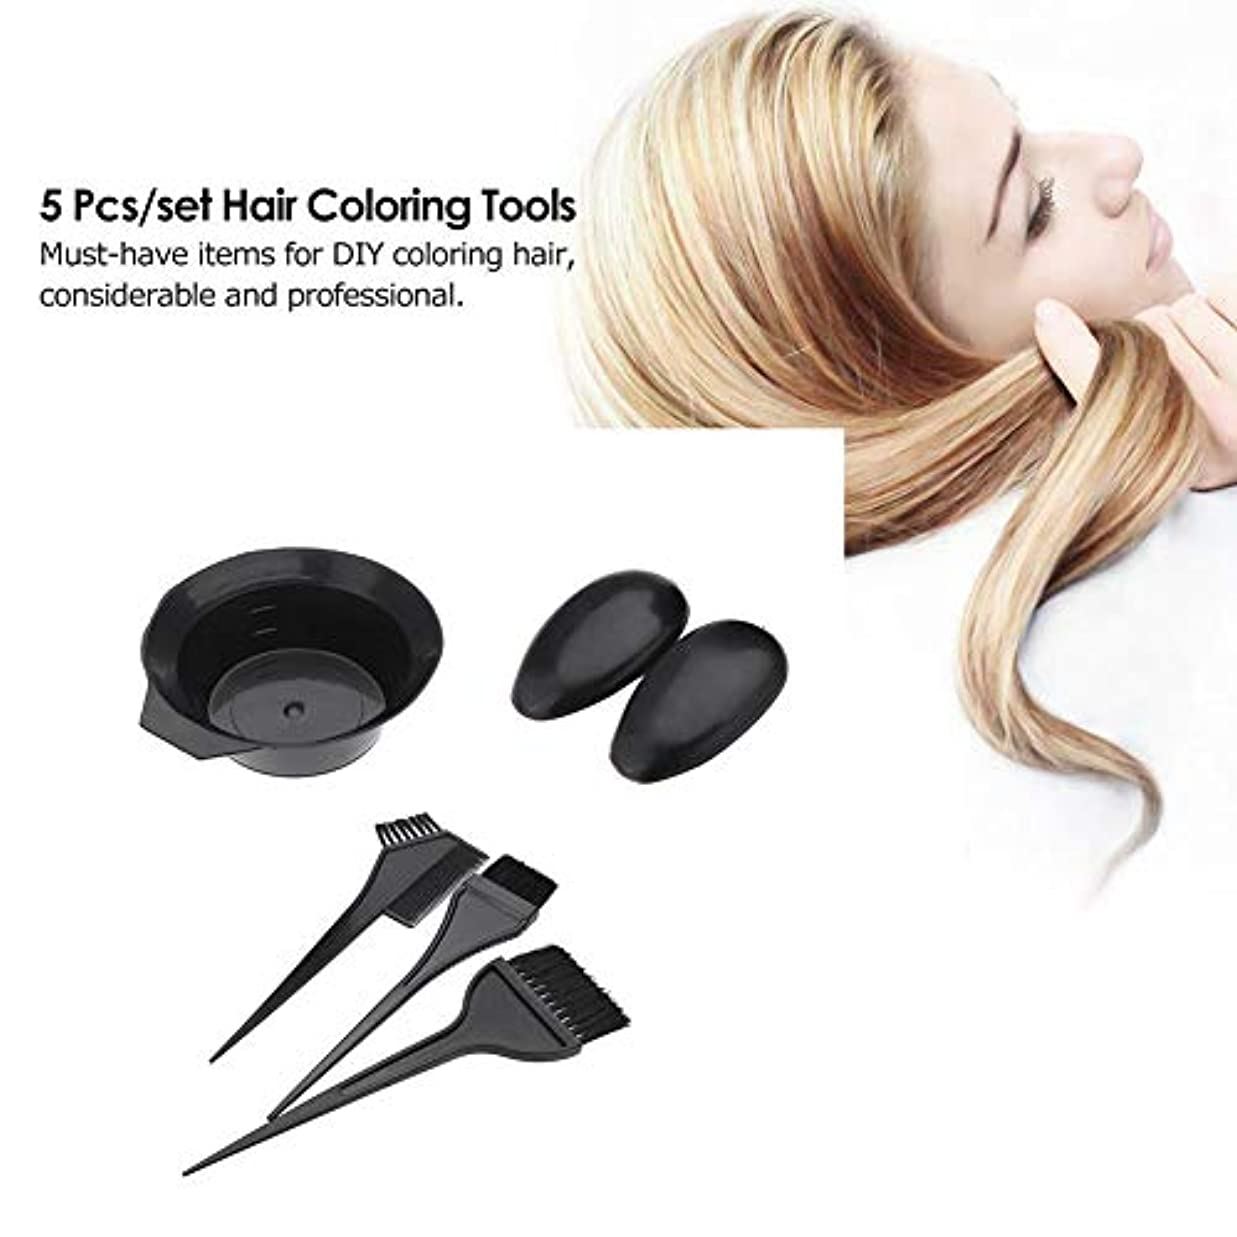 終了する程度電卓染毛セットキット - 染毛カラーミキシングボウル&ブラシ&くし - 黒理髪美容ツールアプリケーター色合い5ピース